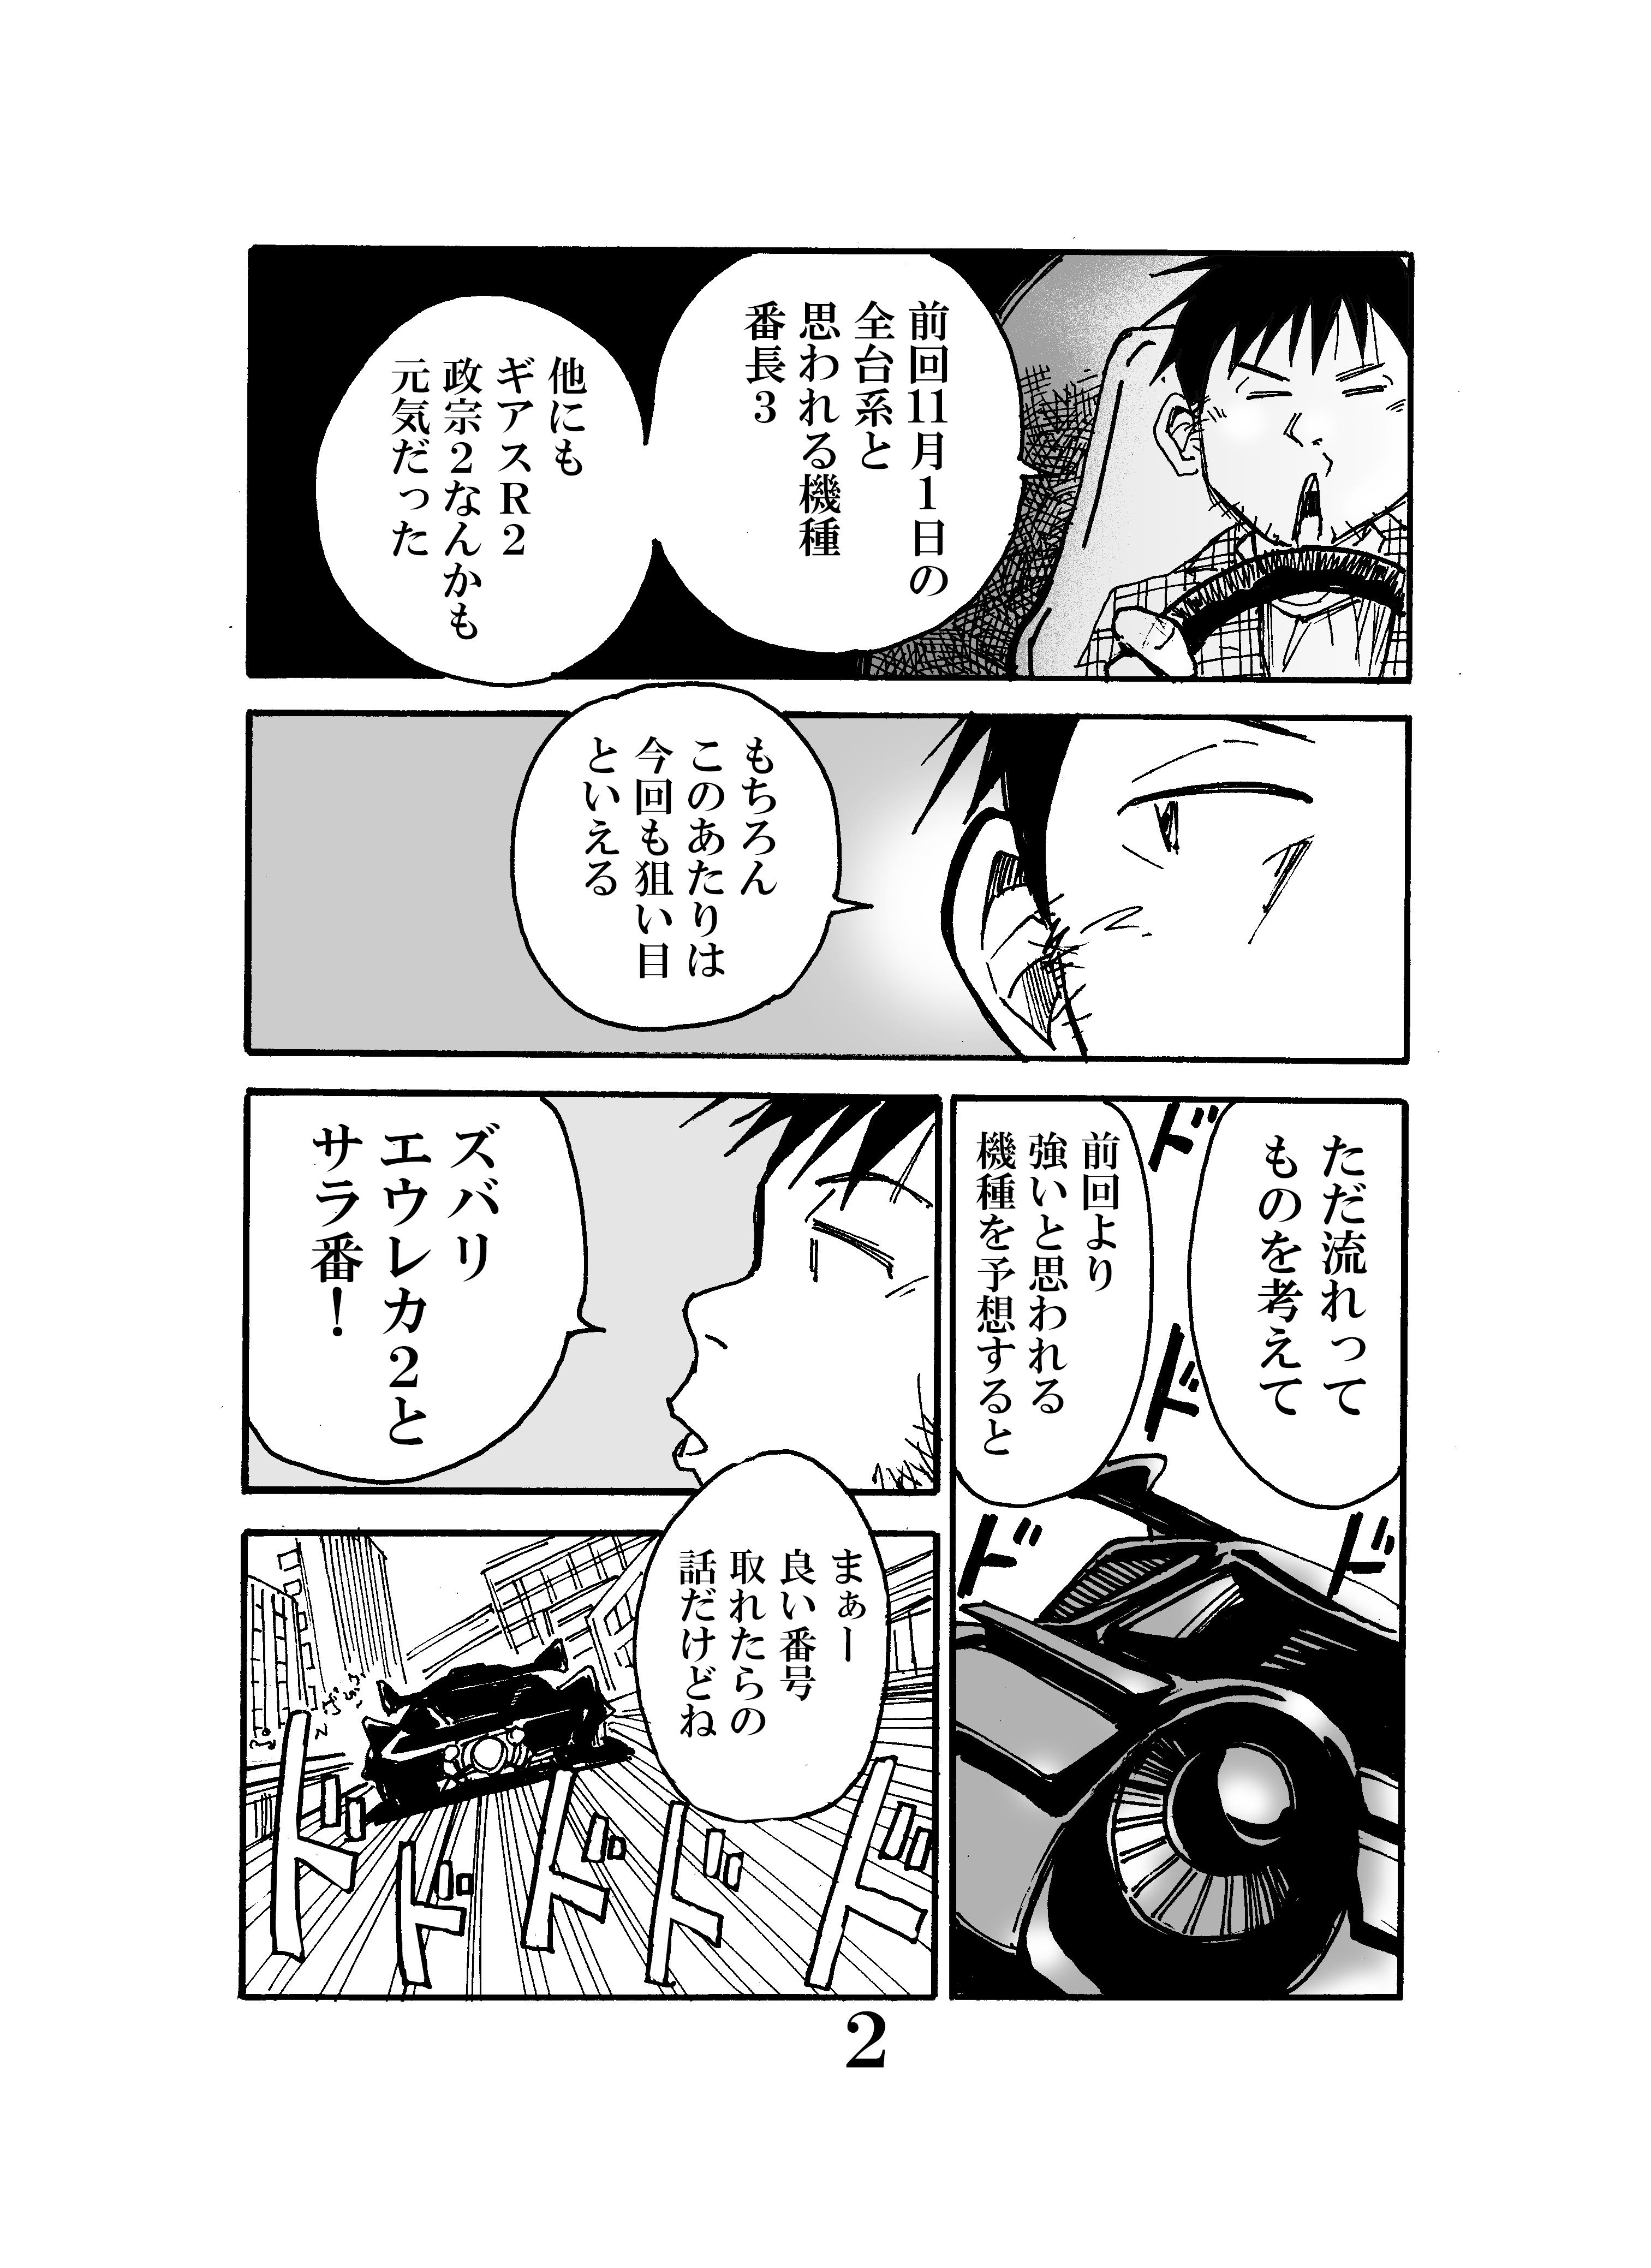 11月11日ワンチャンス②